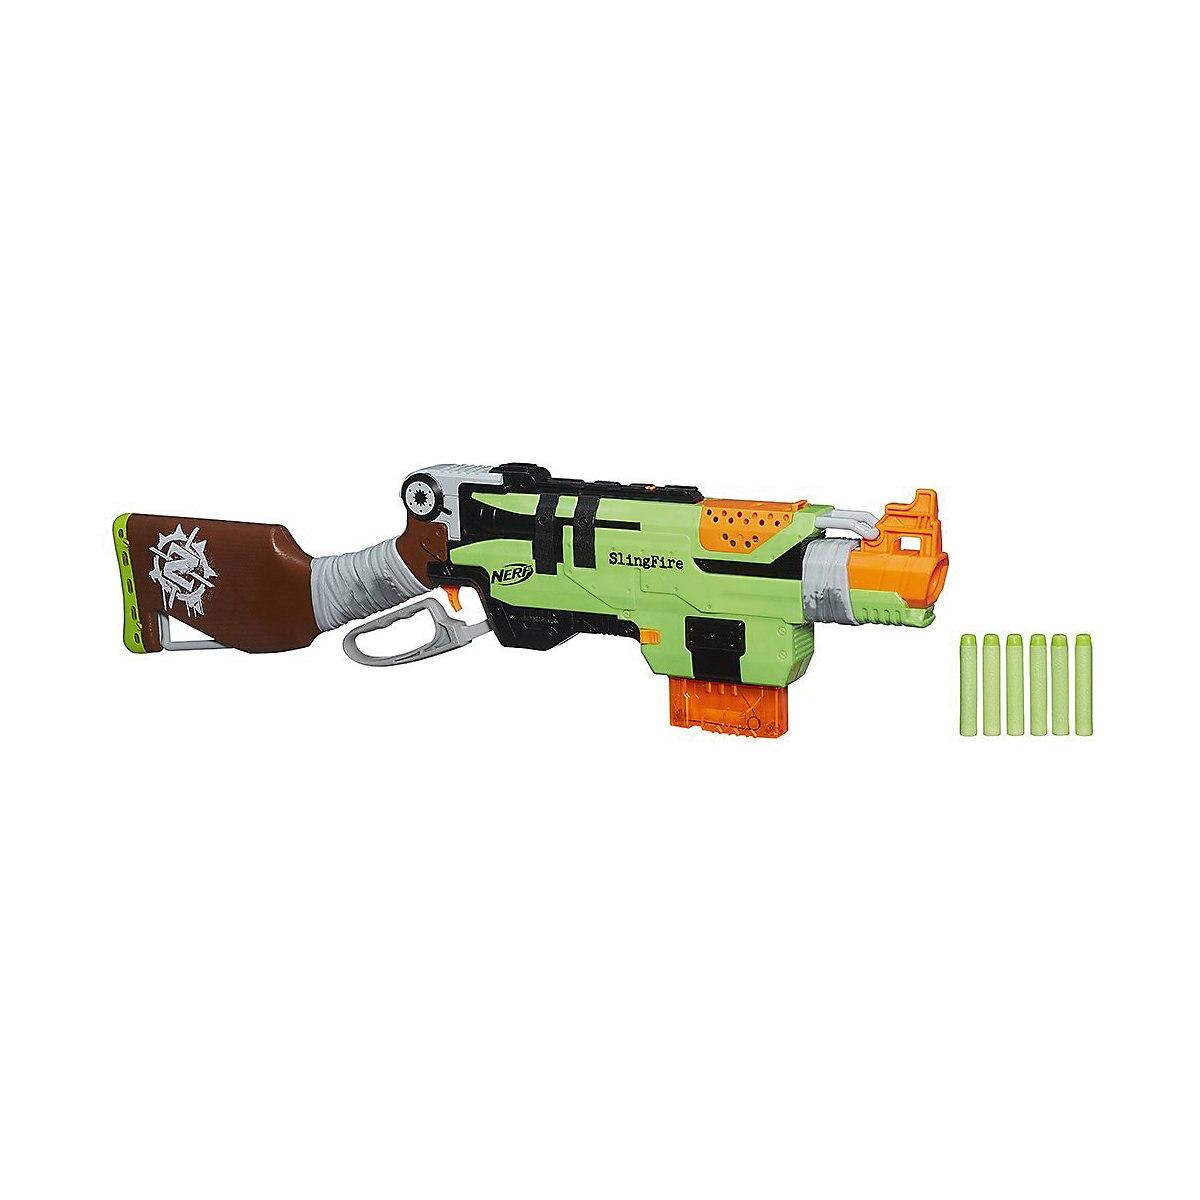 Jouets pistolets NERF 3550830 enfants enfants jouet pistolet arme blaster garçons jeux de tir en plein air jouer MTpromo